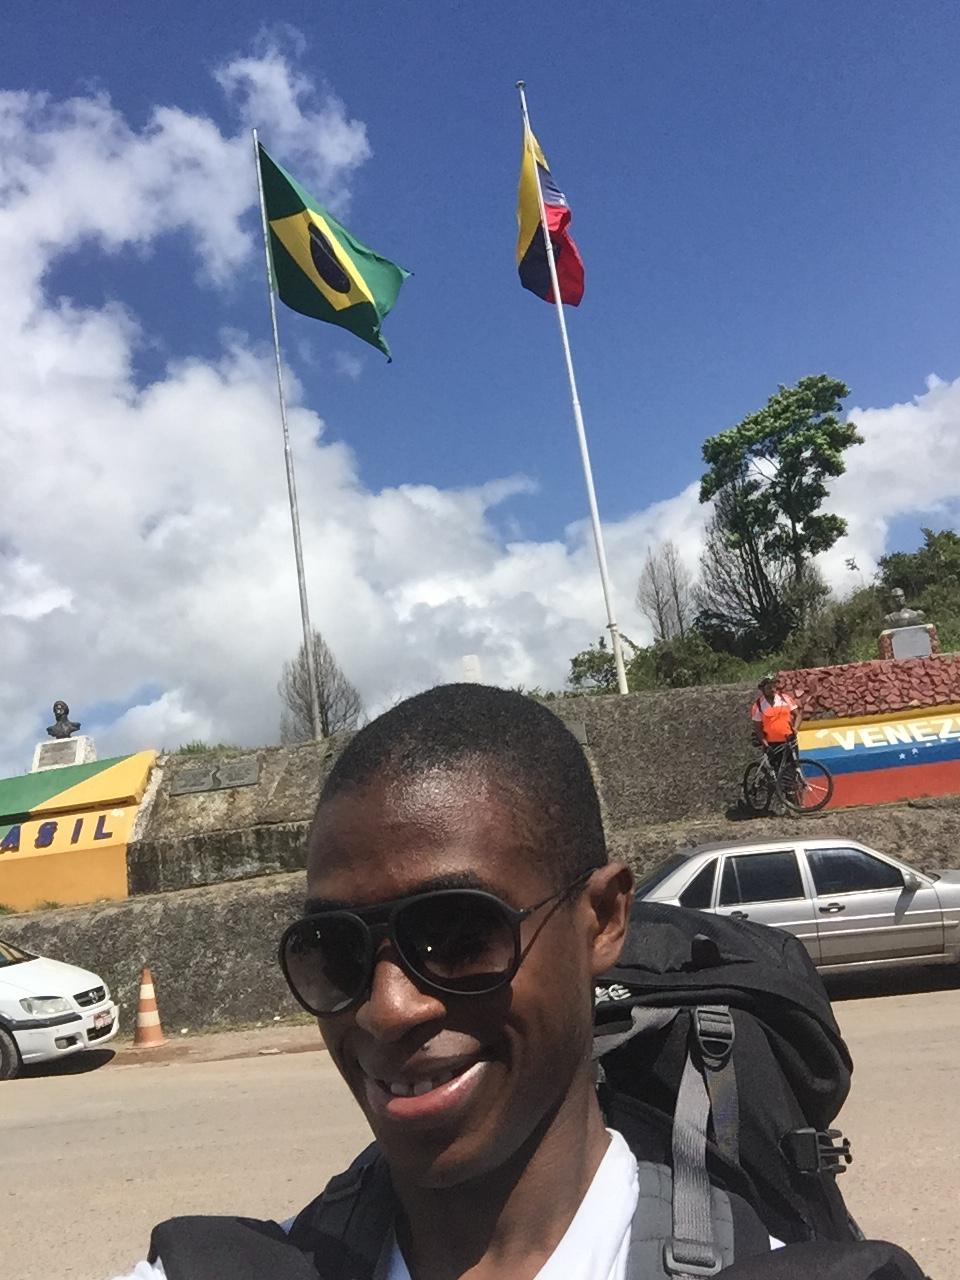 عند تجاوز النقطة الحدودية بين البرازيل وڤنيزويلا